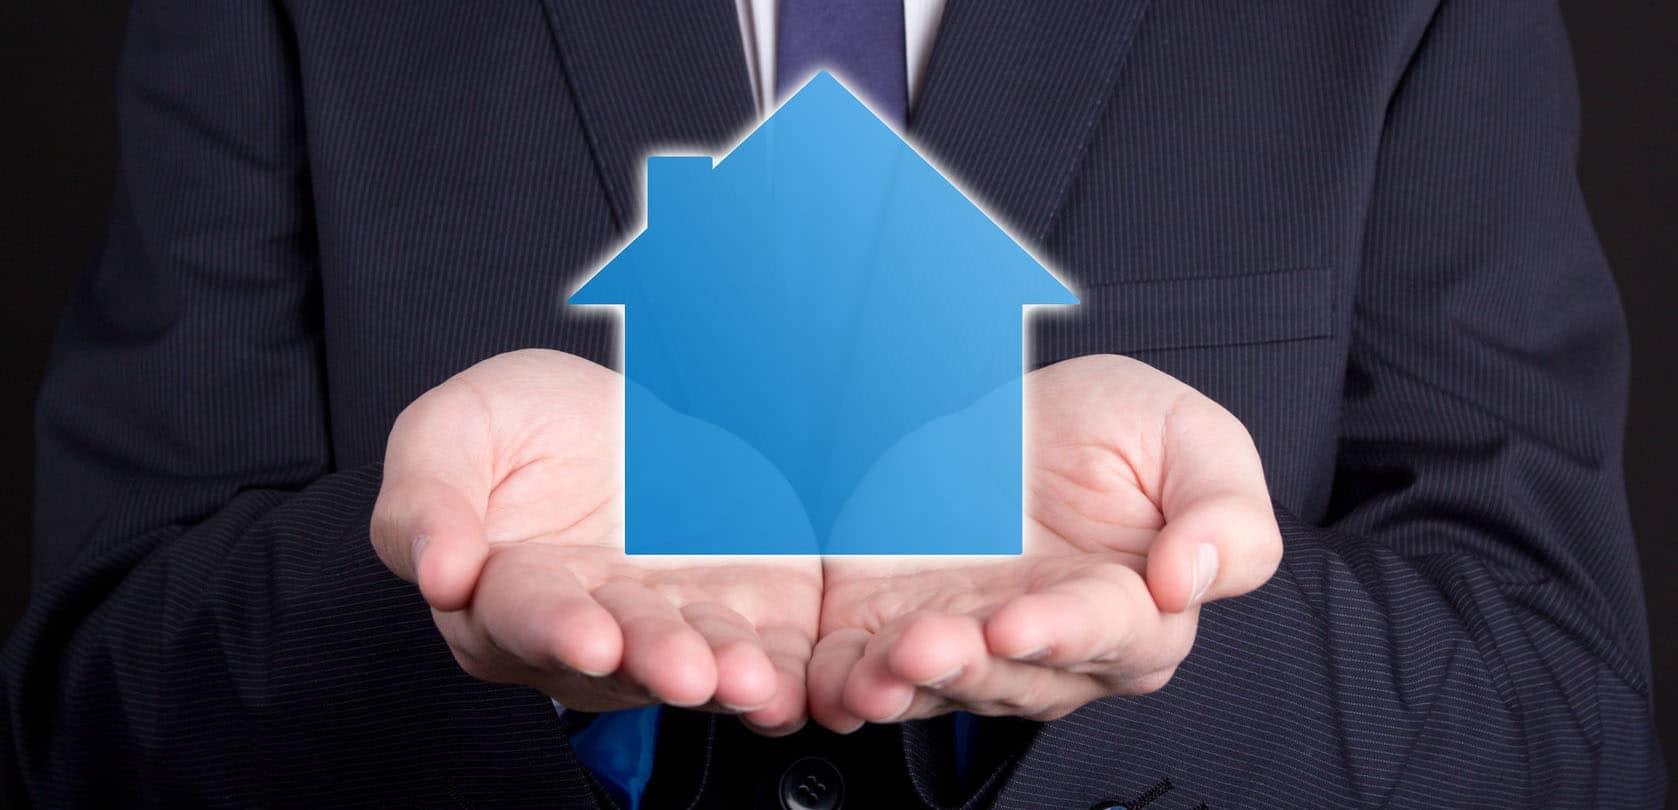 ingatlan ügyvéd, Ingatlanjogász, ingatlan adásvétel